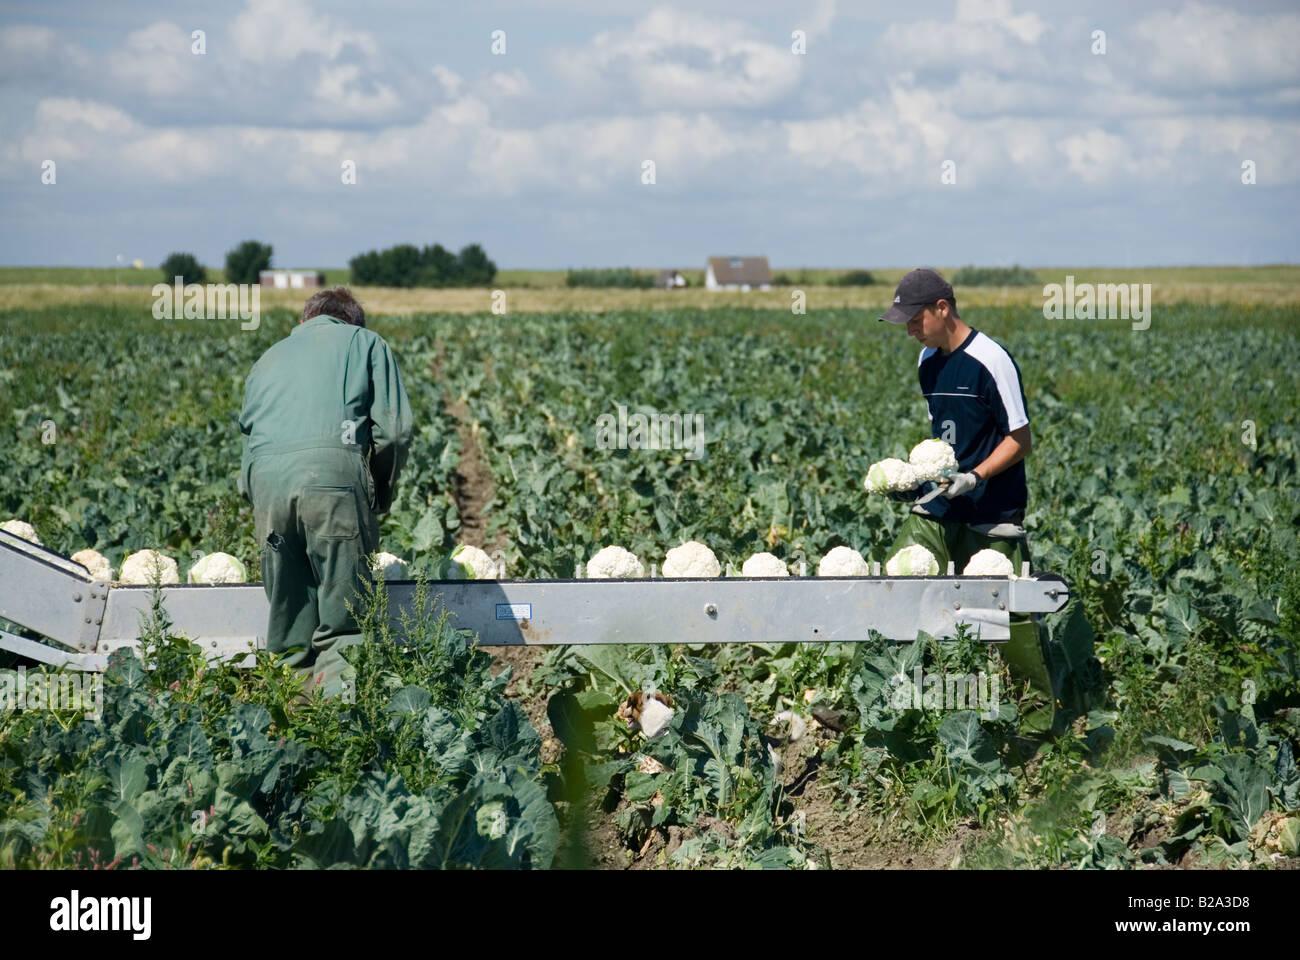 La Recolte Du Chou Fleur En Juillet Pays Bas Banque D Images Photo